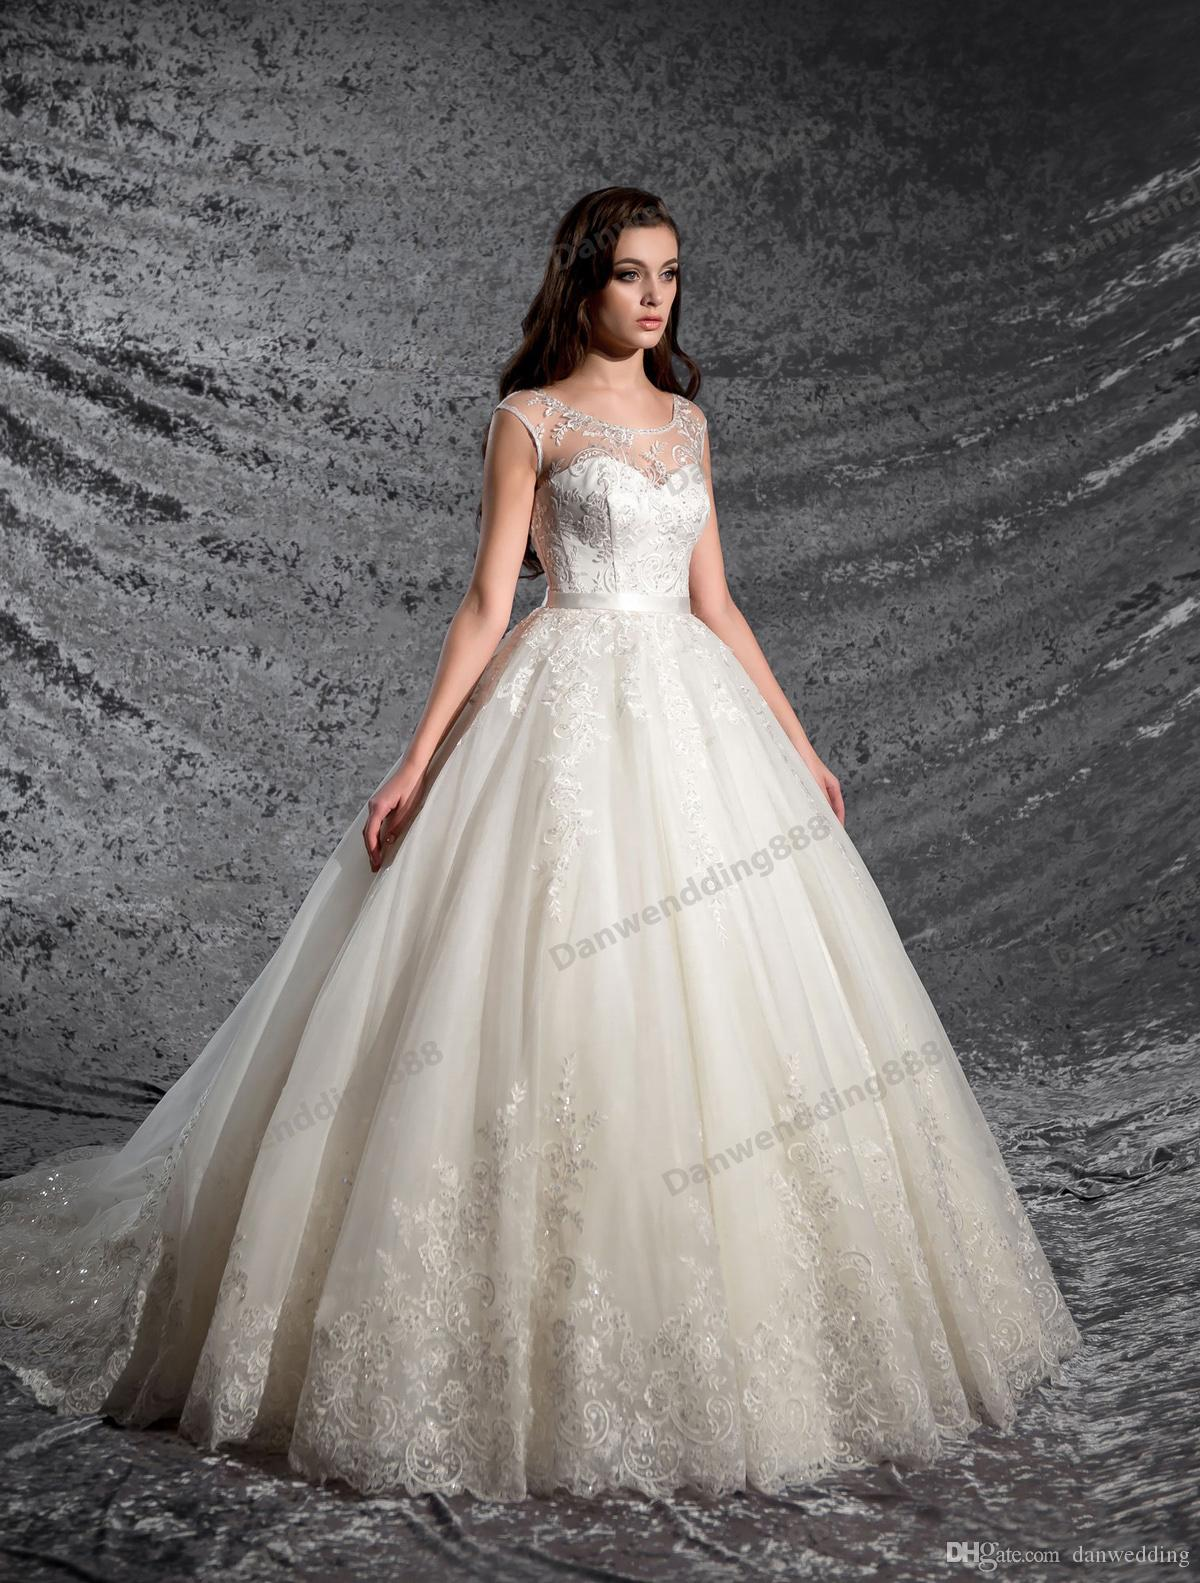 Грейс Кот Тюль Совок Аппликация Бусы A-Line Свадебные платья Свадебные платья Pageant Платья свадебные наряды Нестандартного размера 2-16 ZW606012